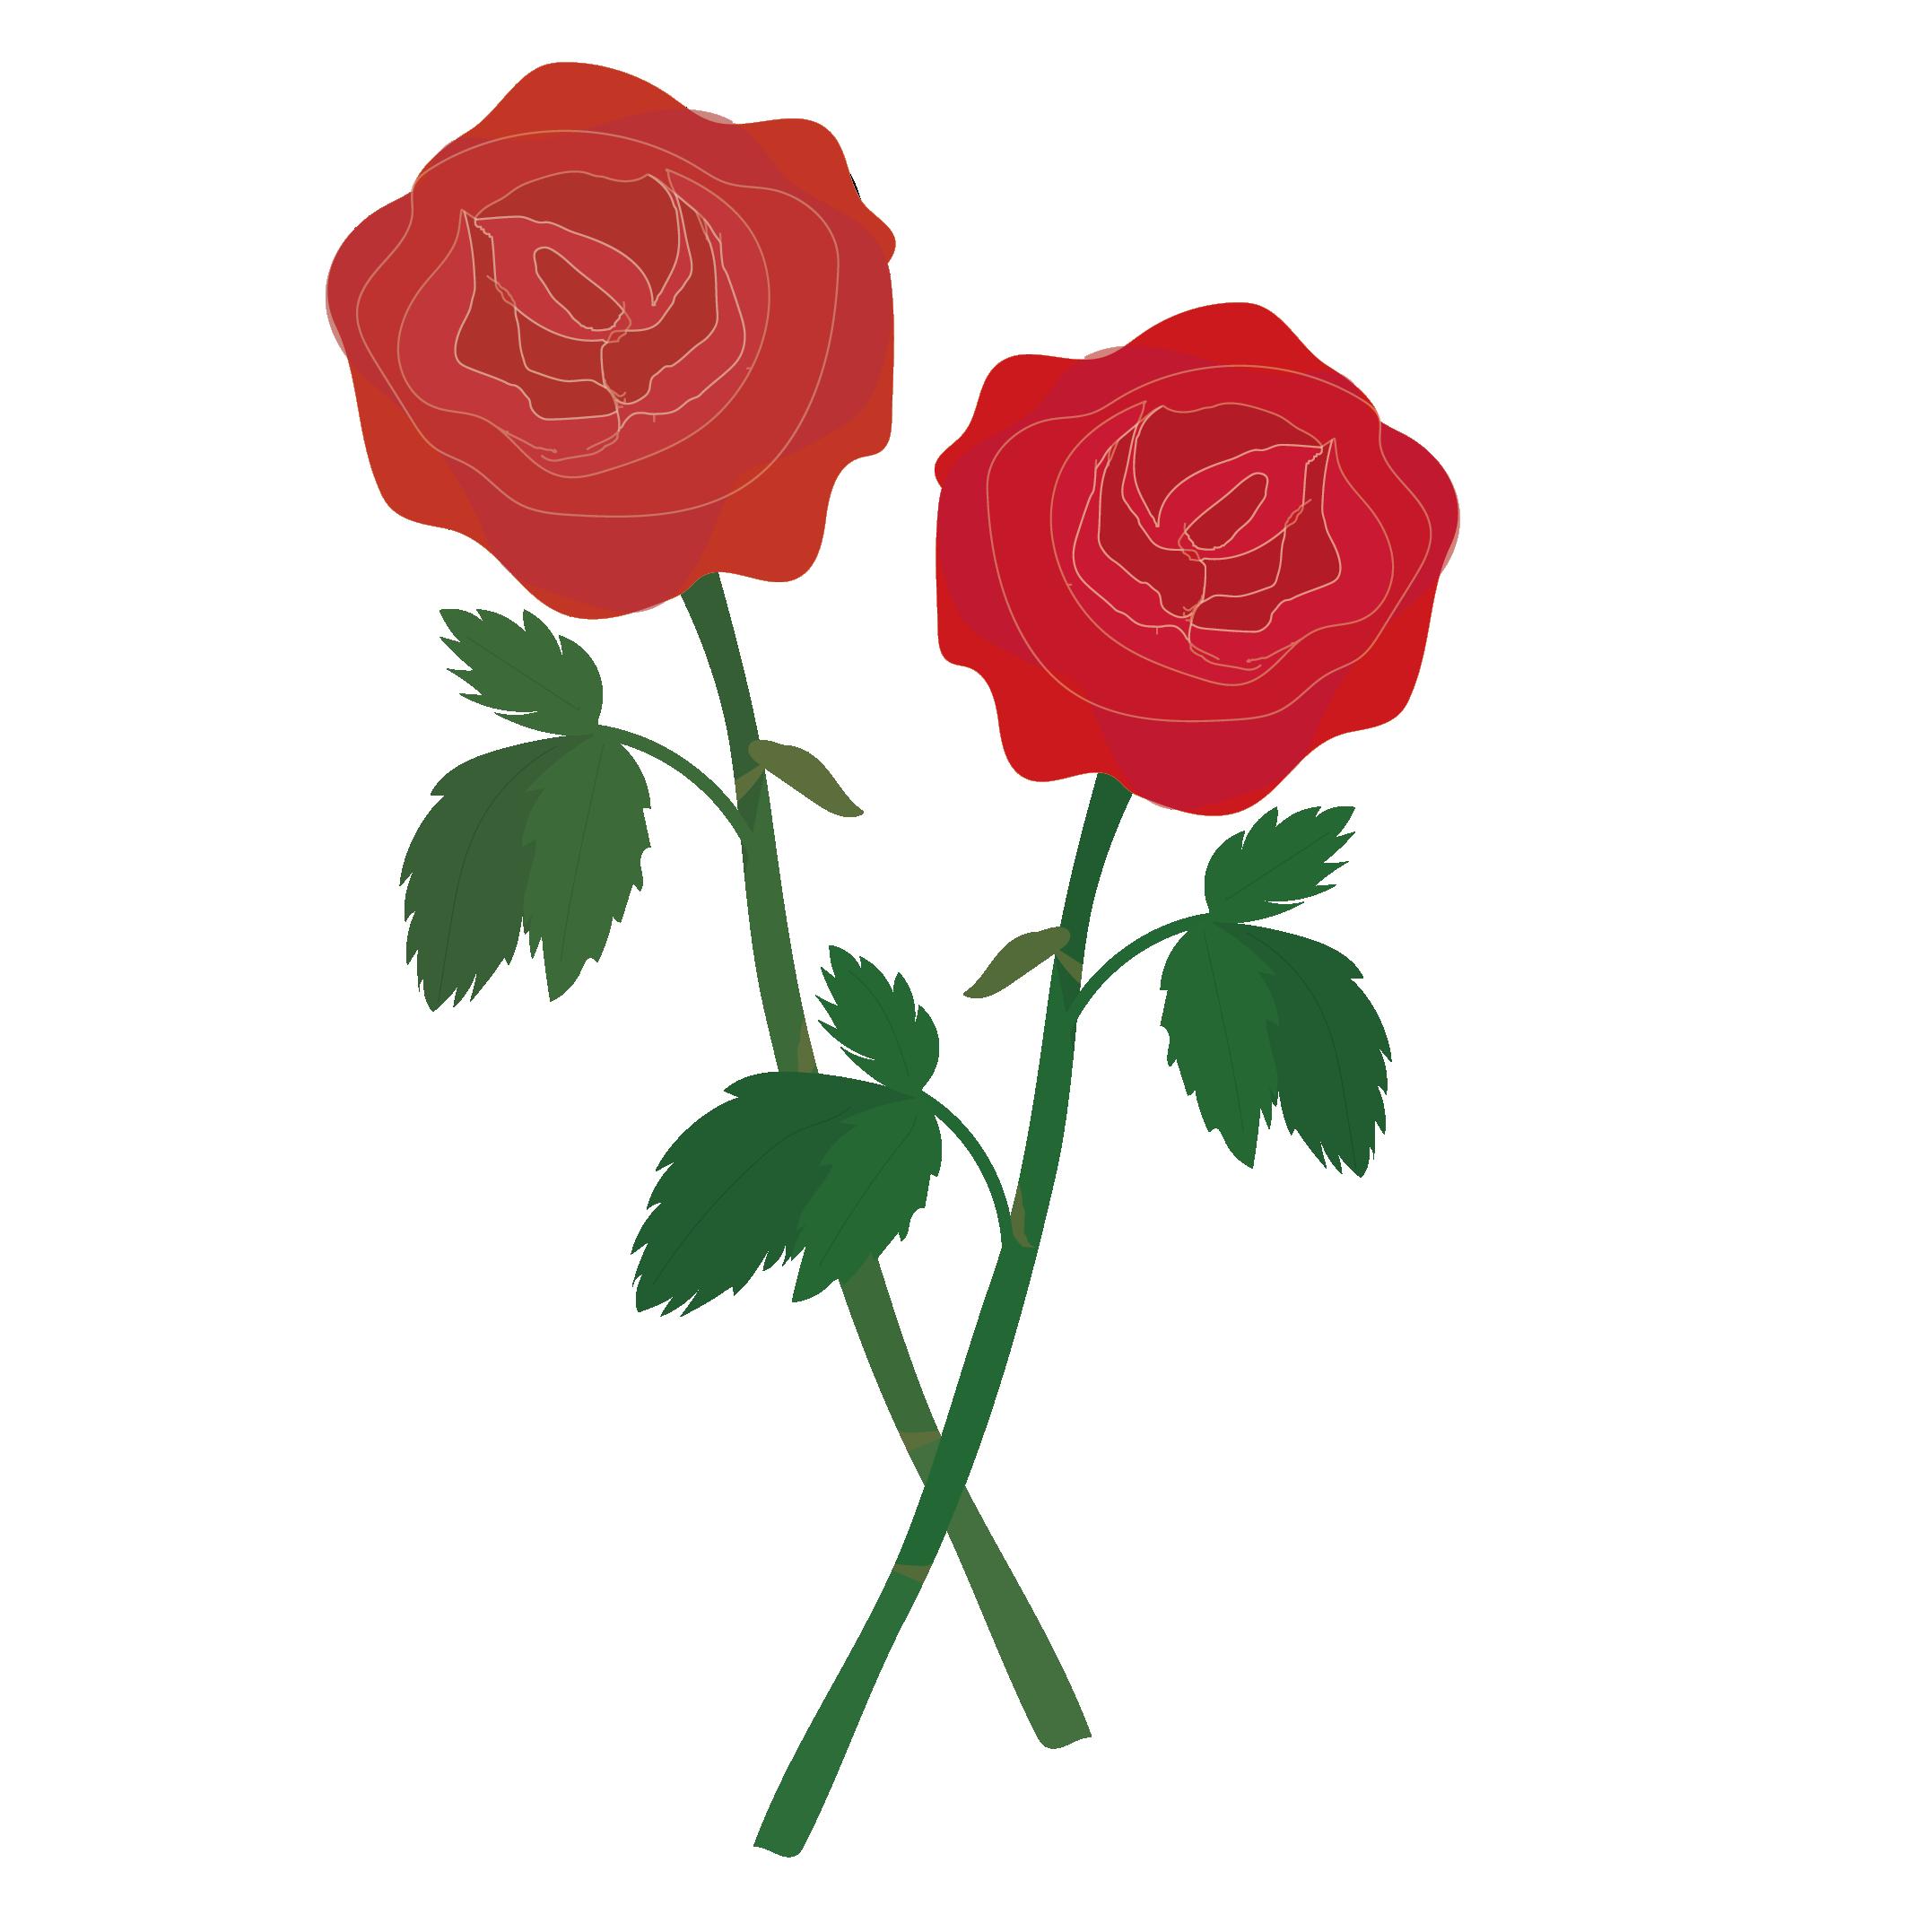 美しい赤い薔薇バラばらの フリー イラスト 商用フリー無料